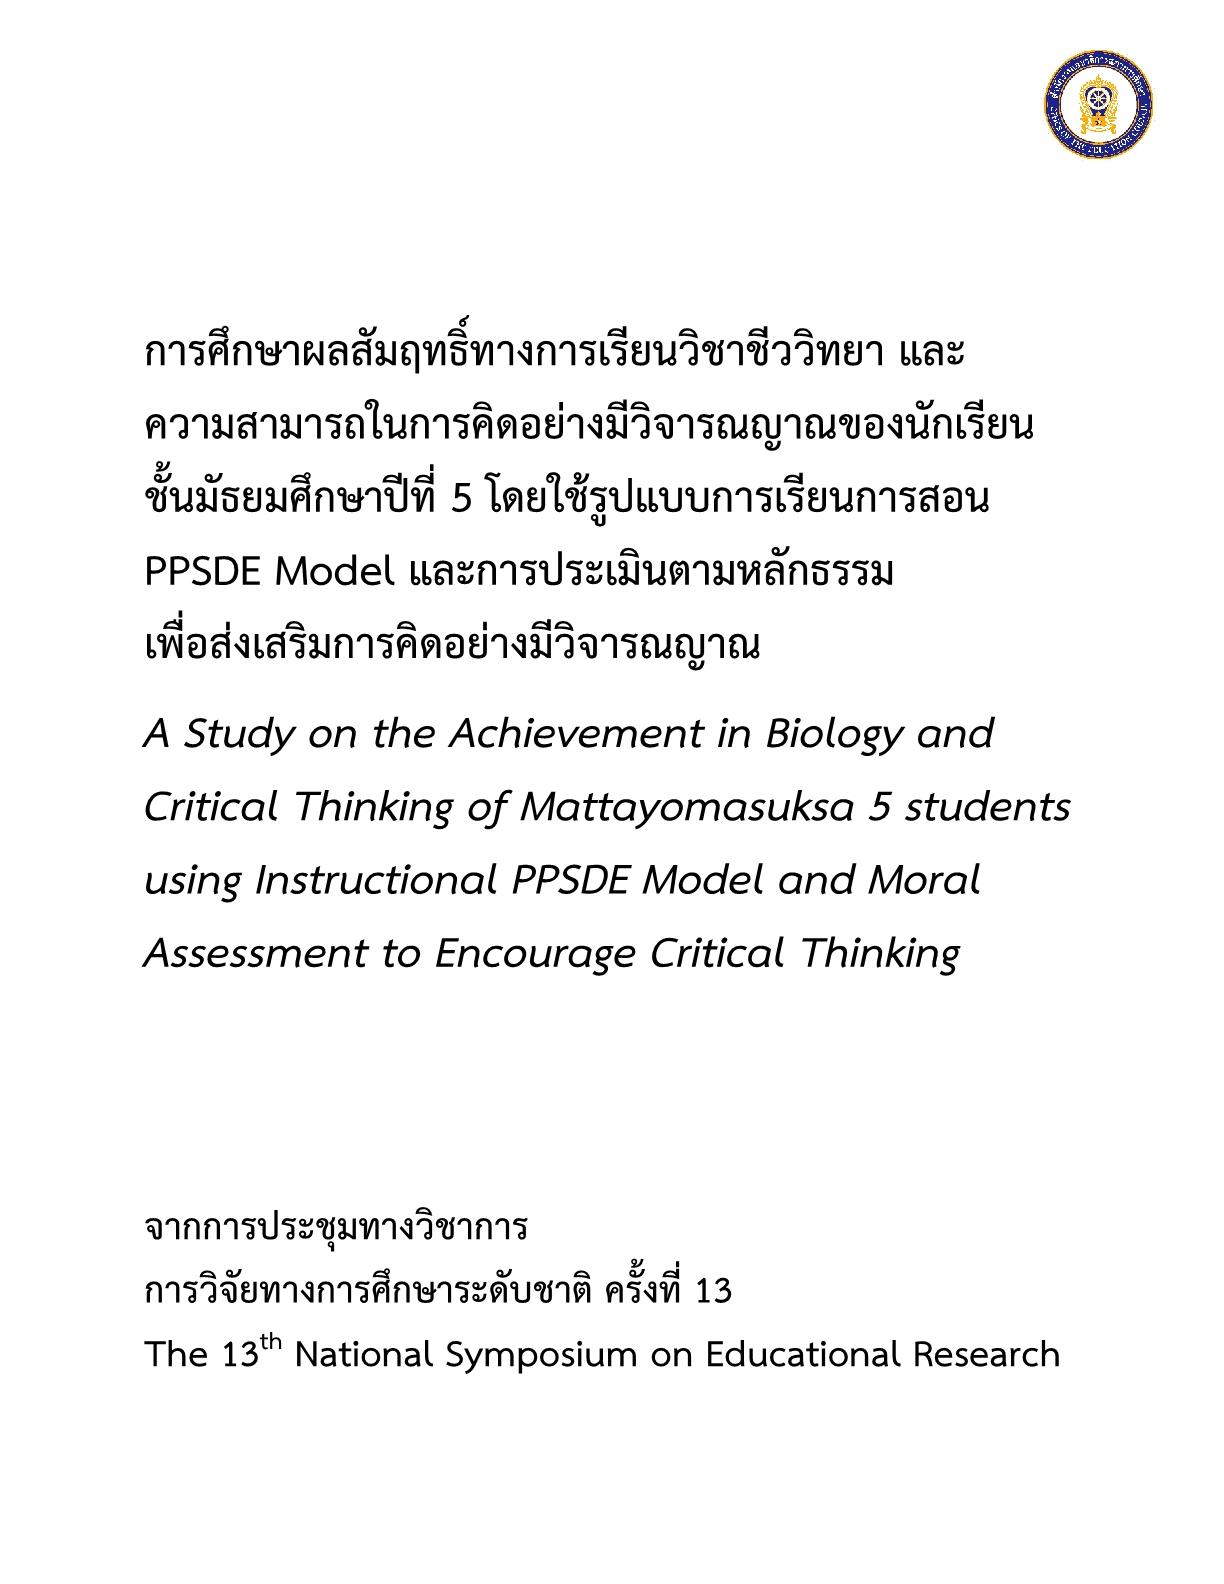 การศึกษาผลสัมฤทธิ์ทางการเรียนวิชาชีววิทยา และความสามารถในการคิดอย่างมีวิจารณญาณของนักเรียนชั้นมัธยมศึกษาปีที่5   โดยใช้รูปแบบการเรียนการสอน PPSDE Model และการประเมินตามหลักธรรม เพื่อส่งเสริมการคิดอย่างมีวิจารณญาณ